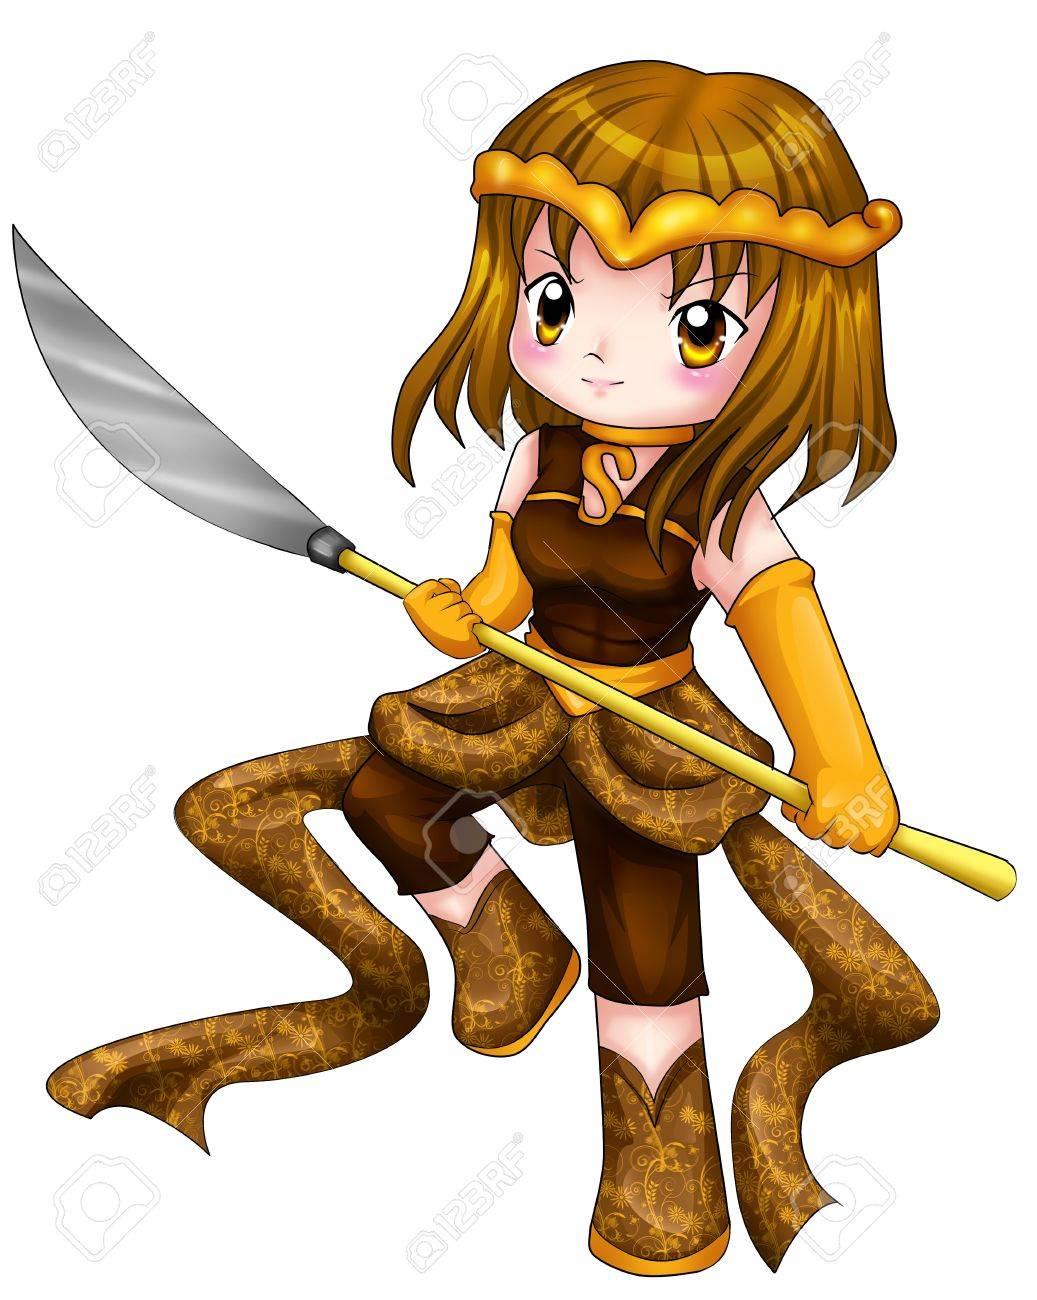 bc6c96fdb4c1f Chibi estilo de ilustración de una chica guerrera Foto de archivo - 16340315